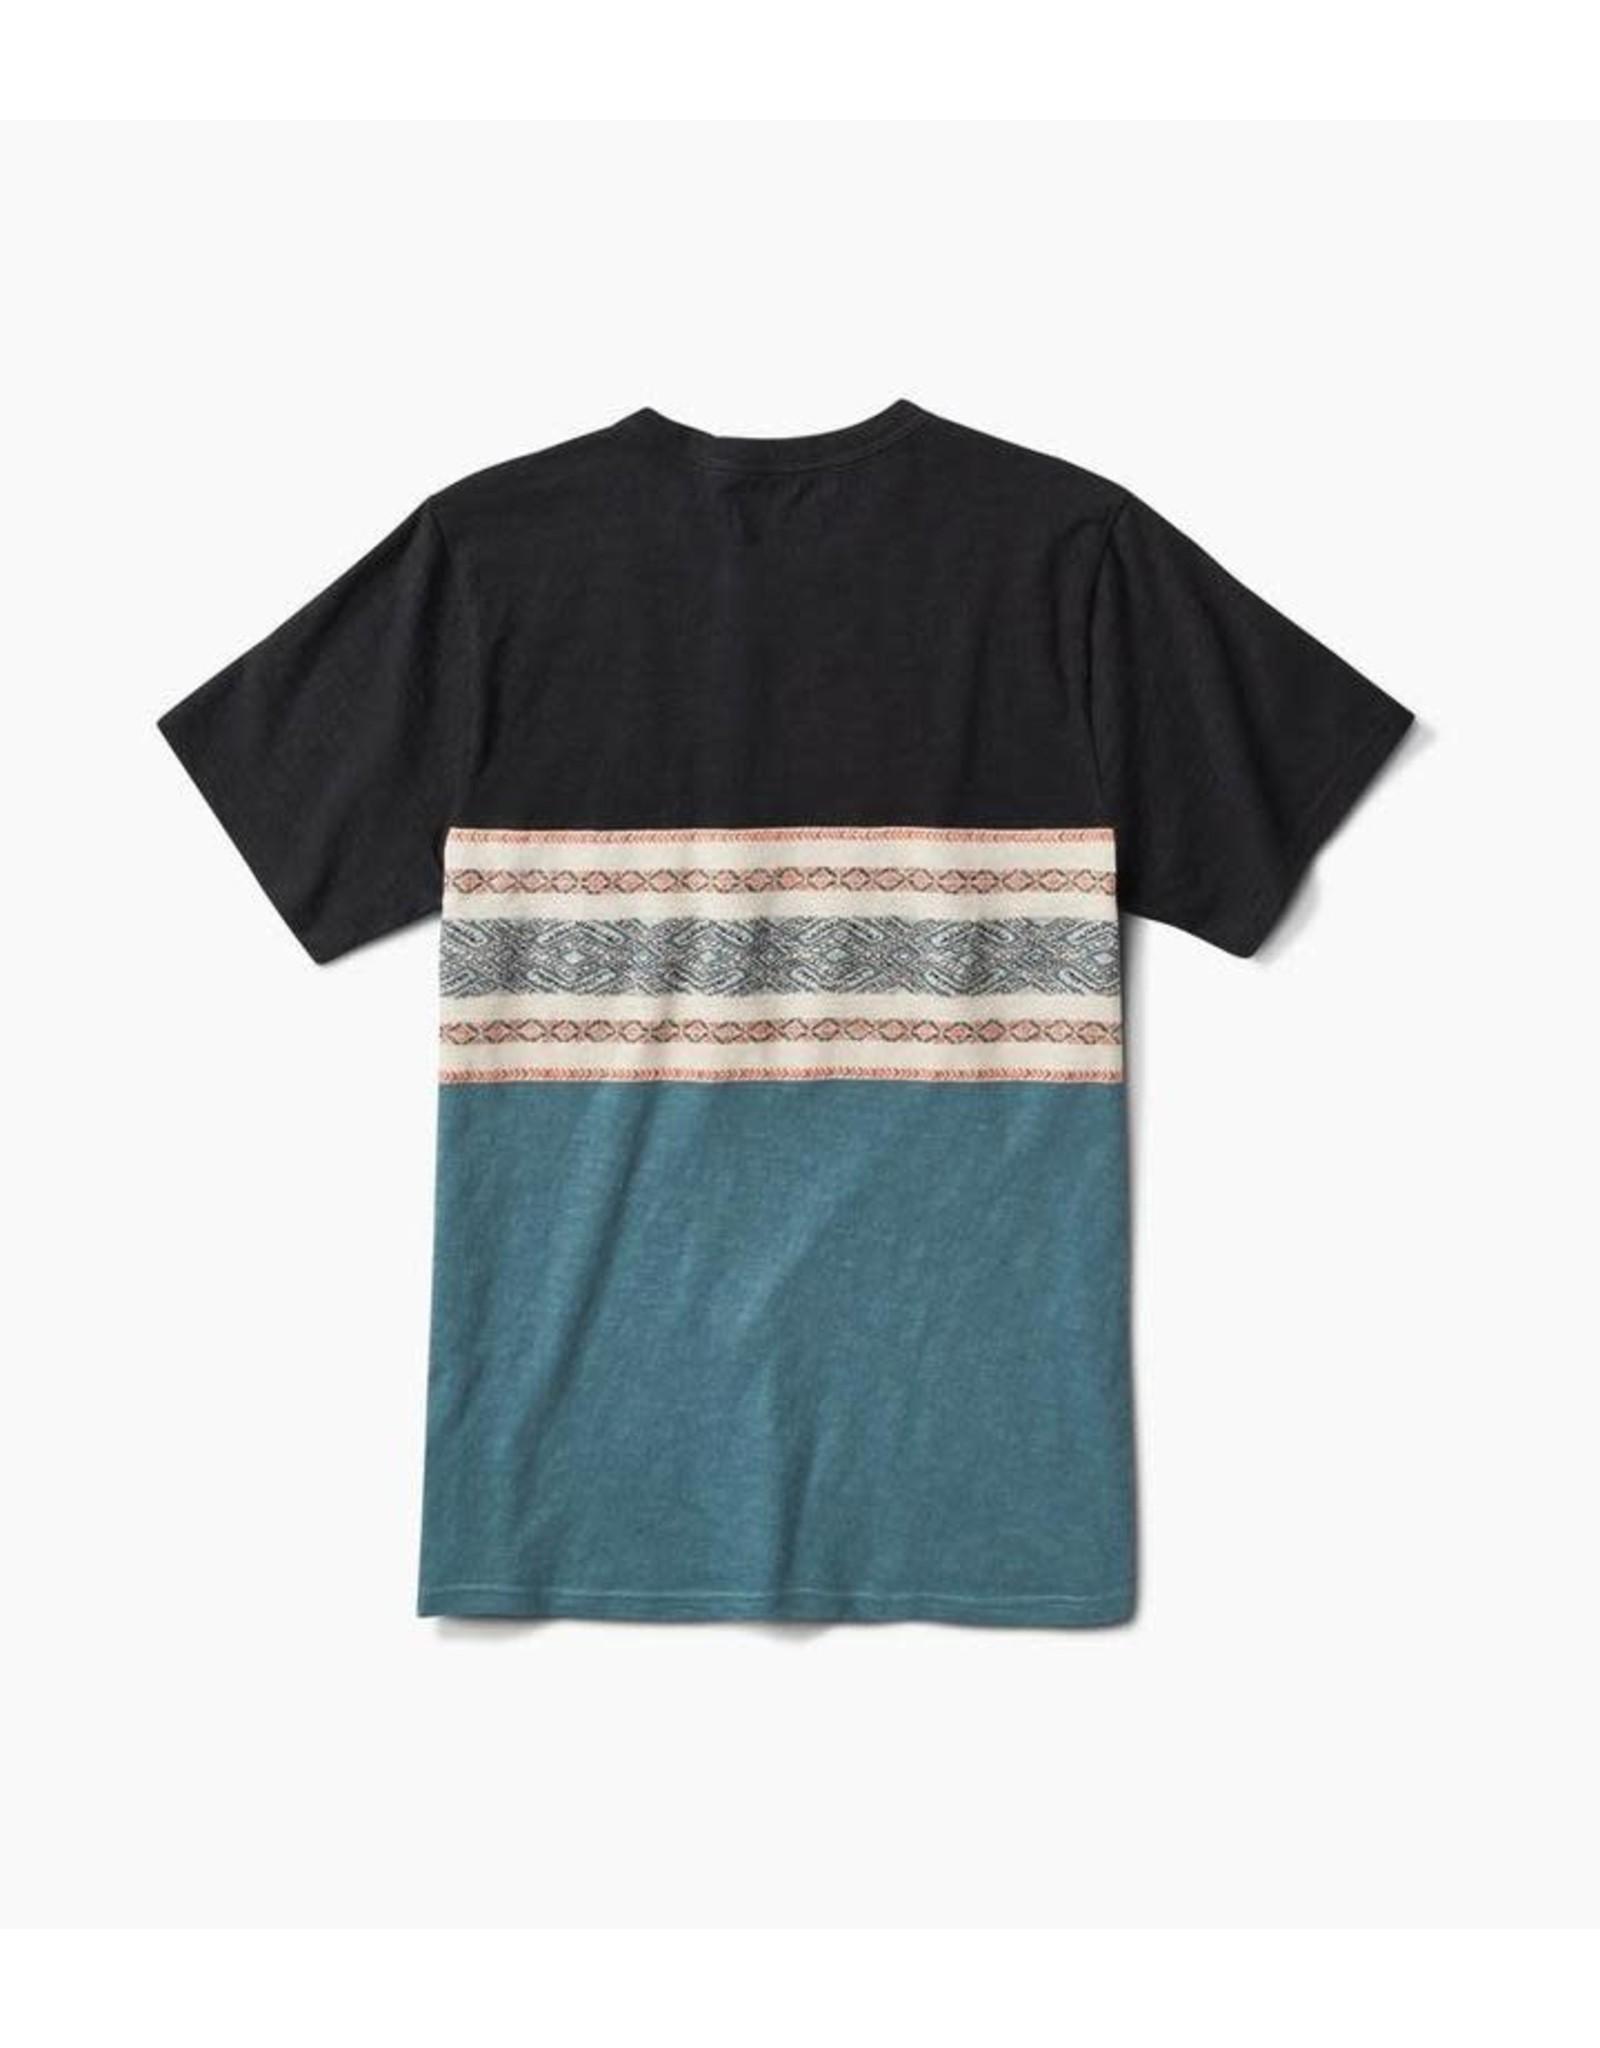 Roark Roark - T-shirt homme kilim jacquard knit black